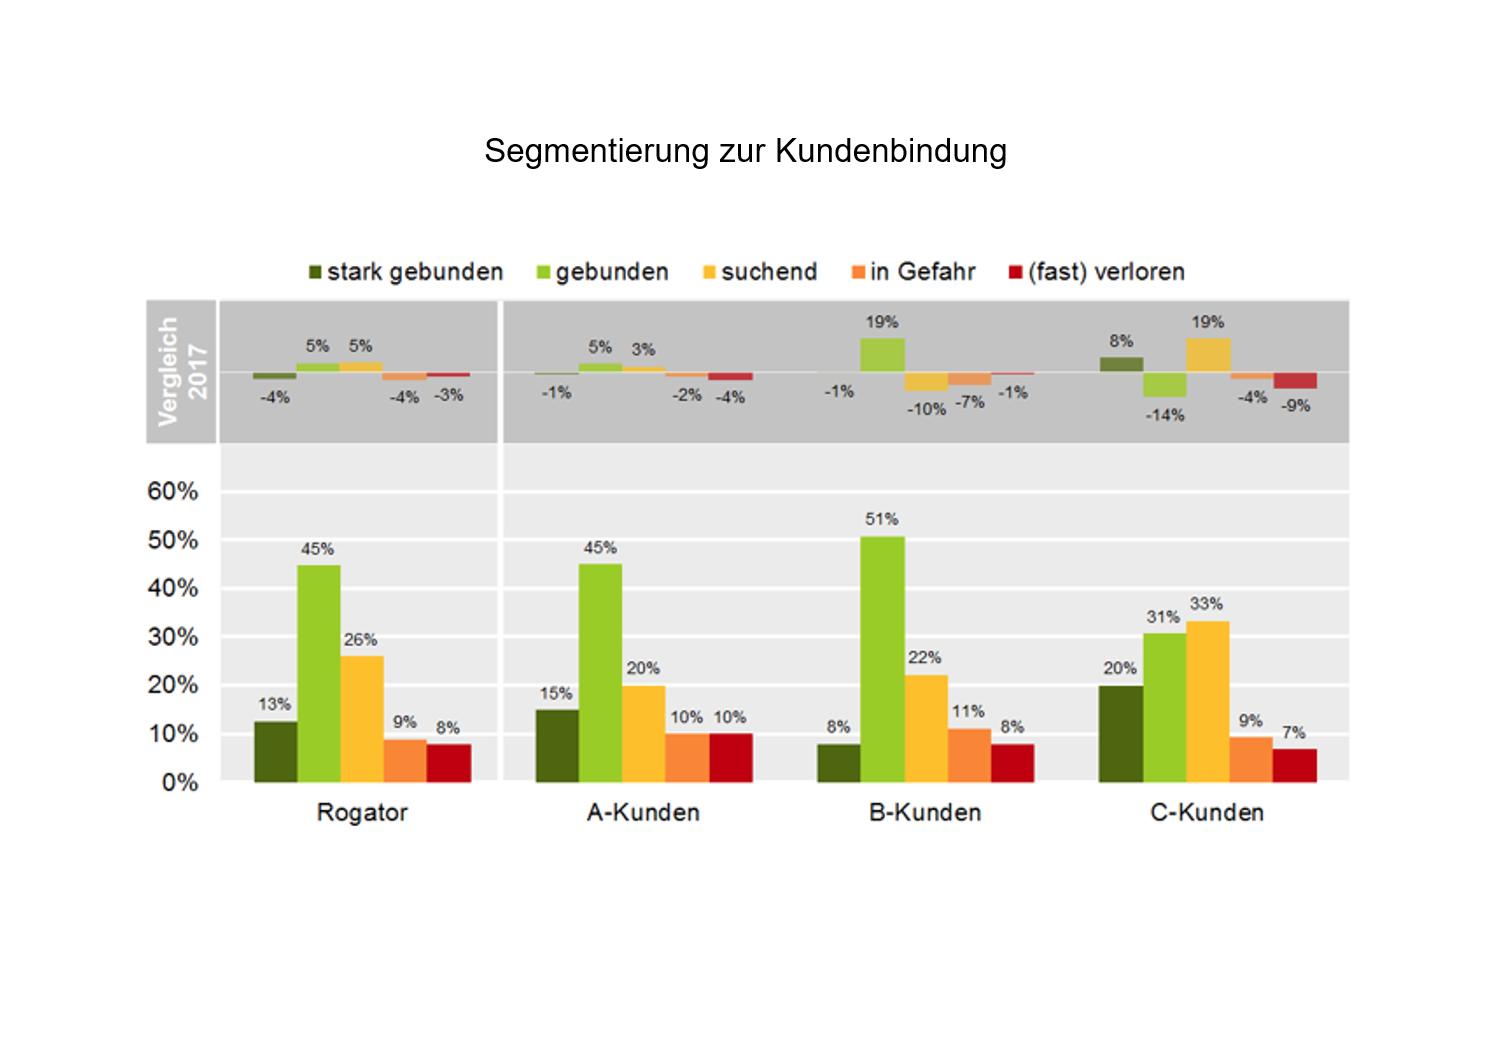 Segmentierung zur Kundenbindung Kundenzufriedenheitsanalyse